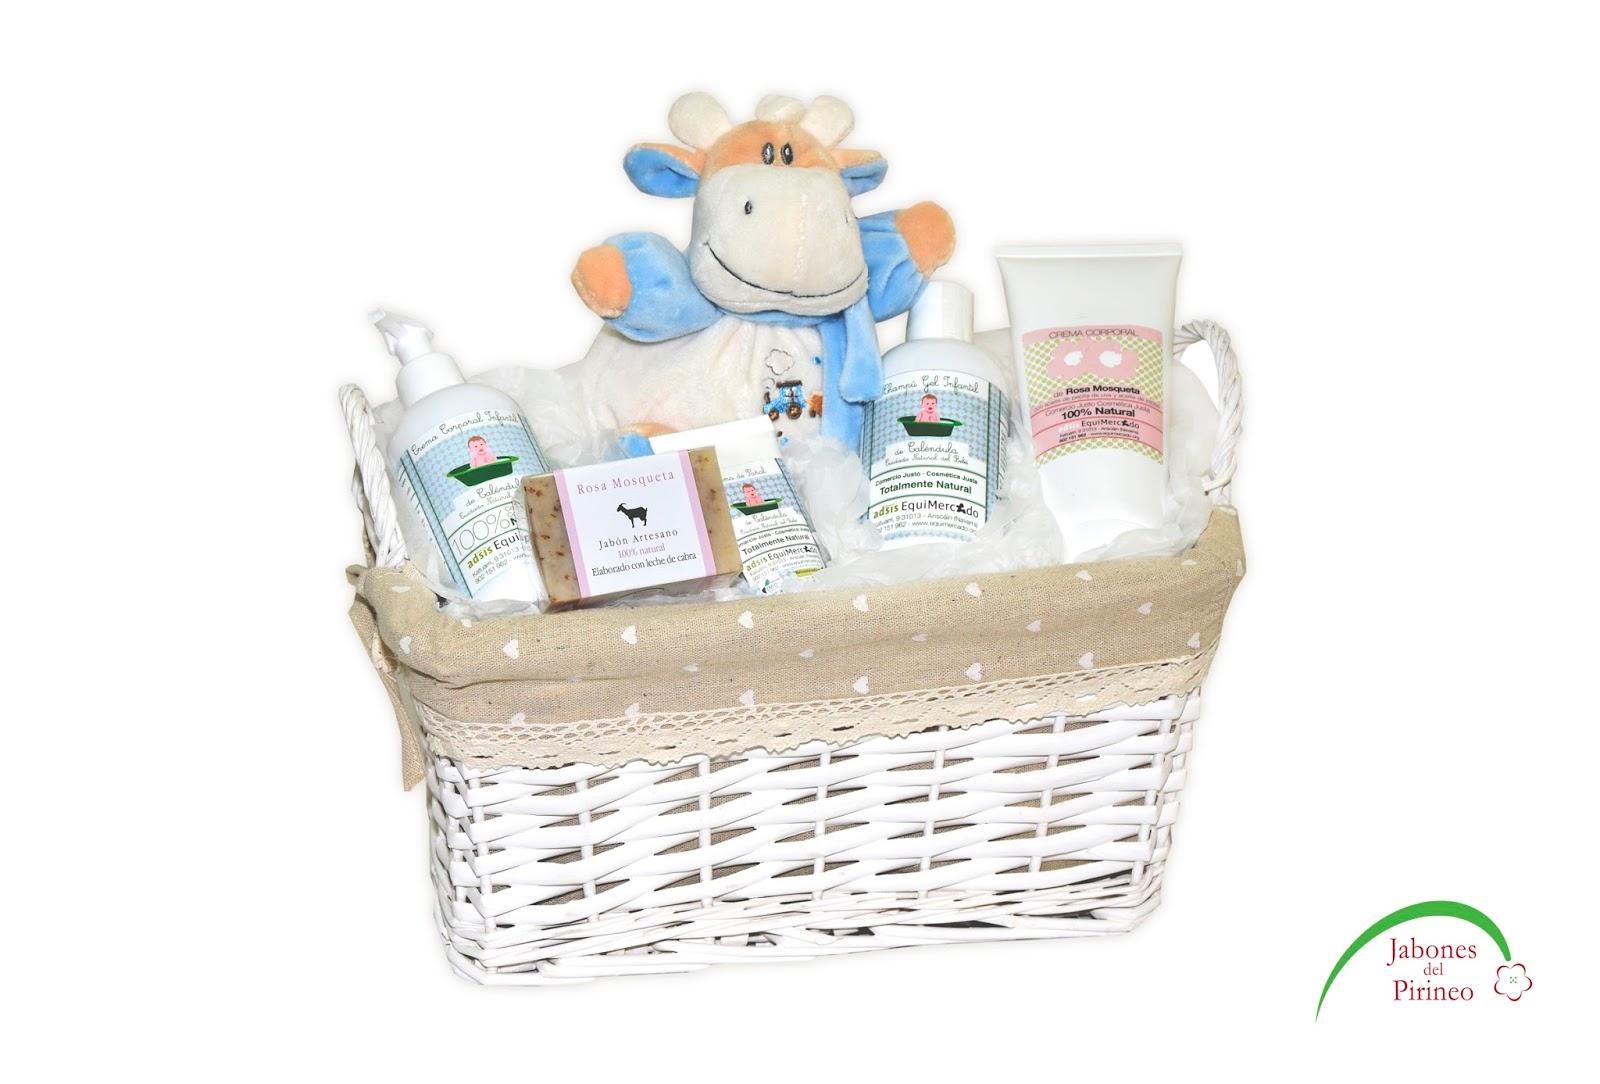 Jabones del pirineo cestas para regalo - Cestas de mimbre para bebes ...